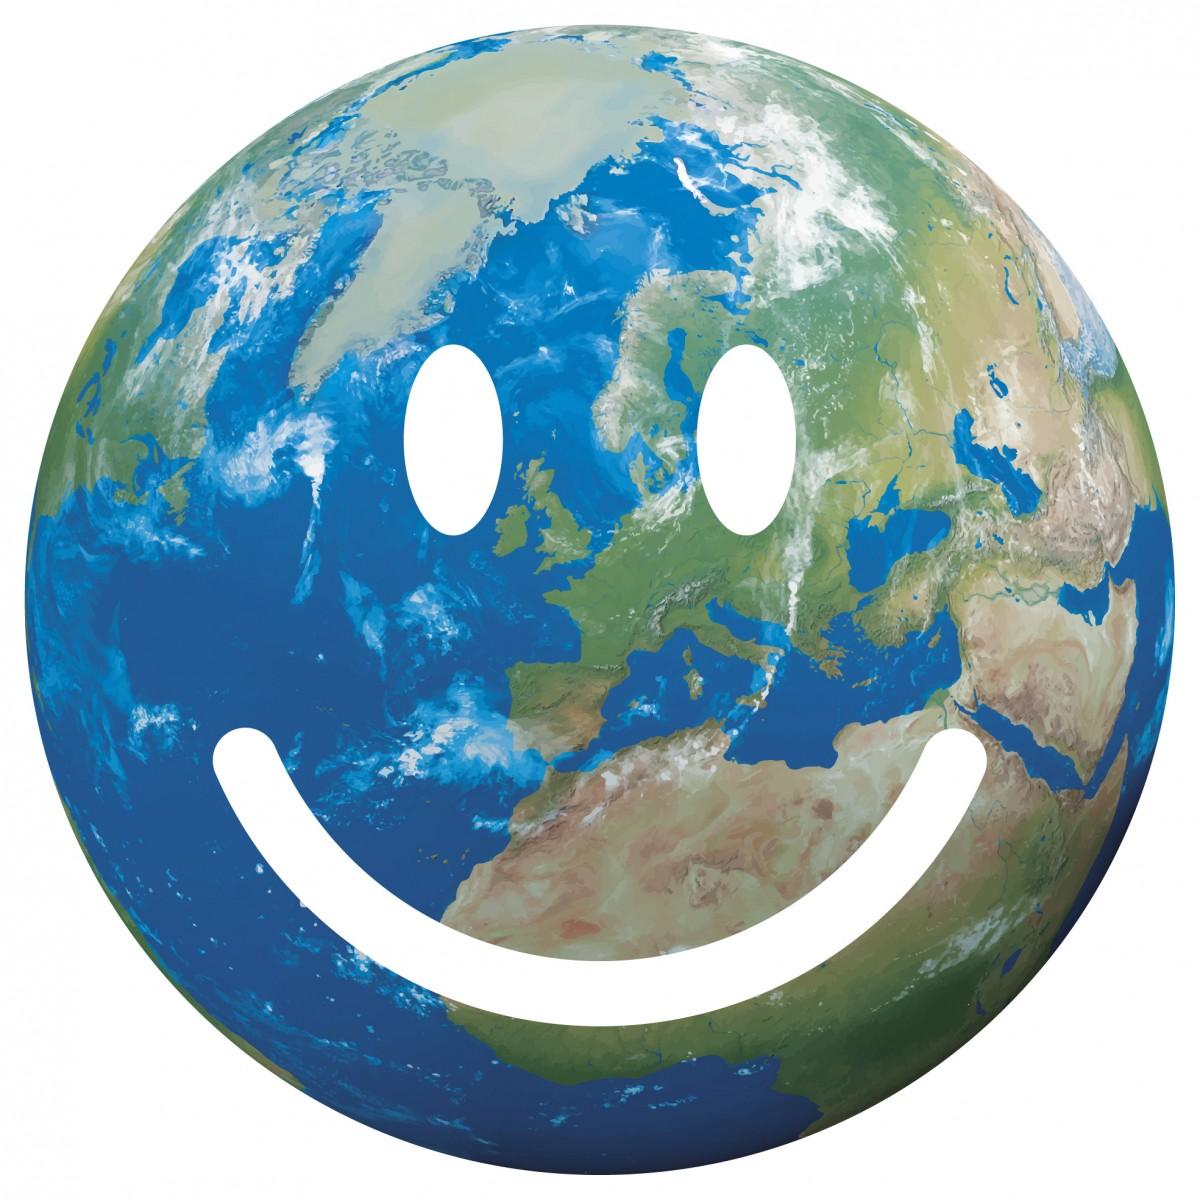 Le symbole de l'opération #SmileForThePlanet, initiée dans le cadre de la célébration de l'entrée en vigueur de l'#AccordDeParis